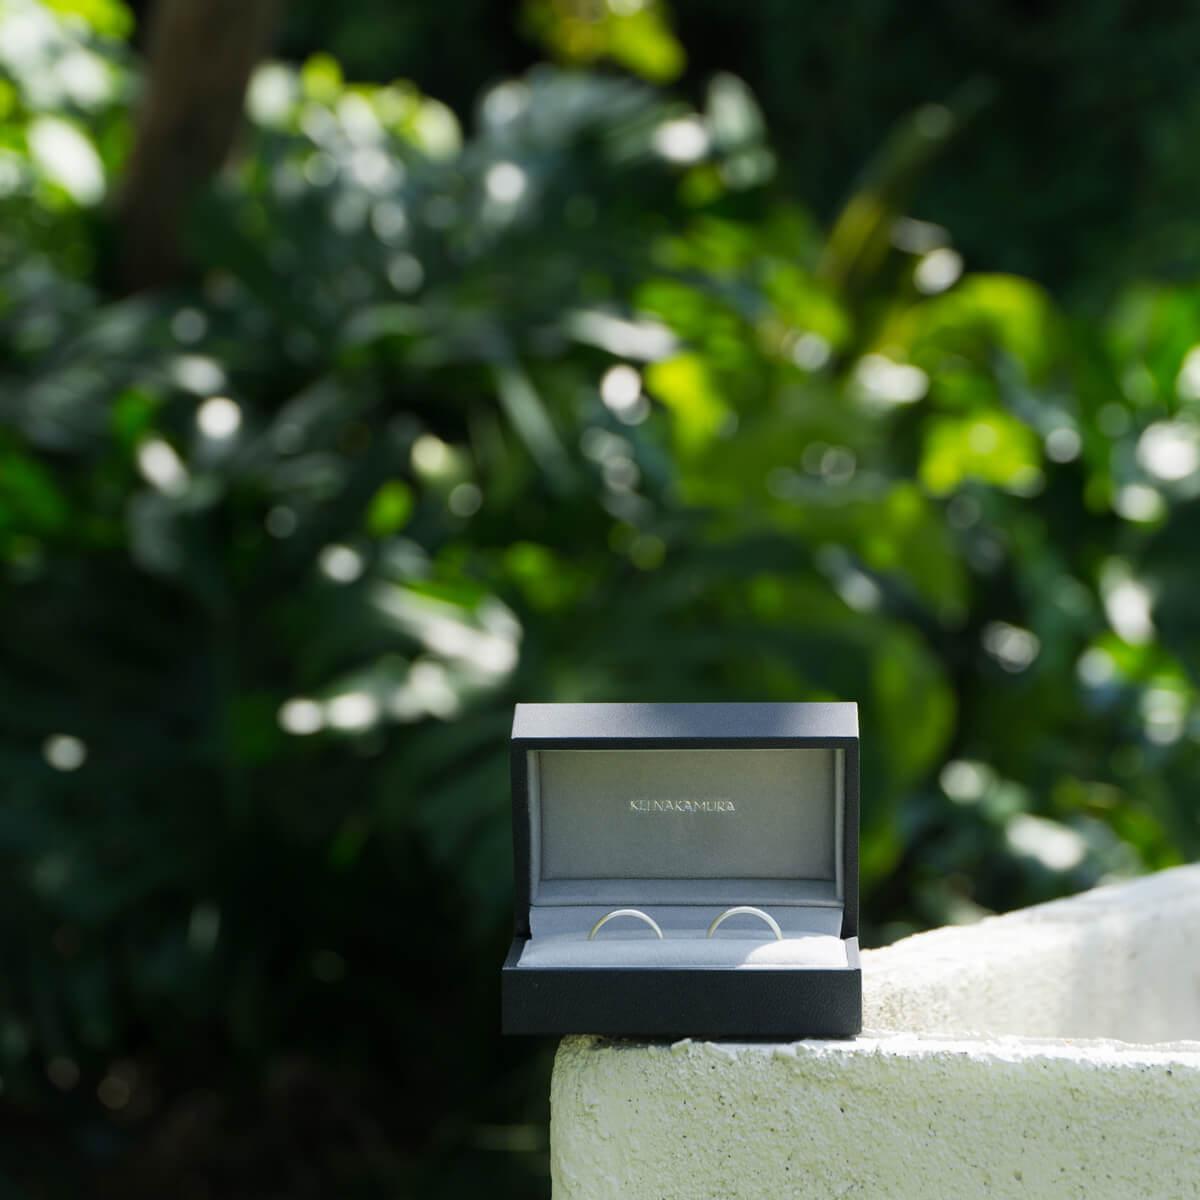 屋久島しずくギャラリー 結婚指輪 屋久島の緑バック 屋久島でつくる結婚指輪